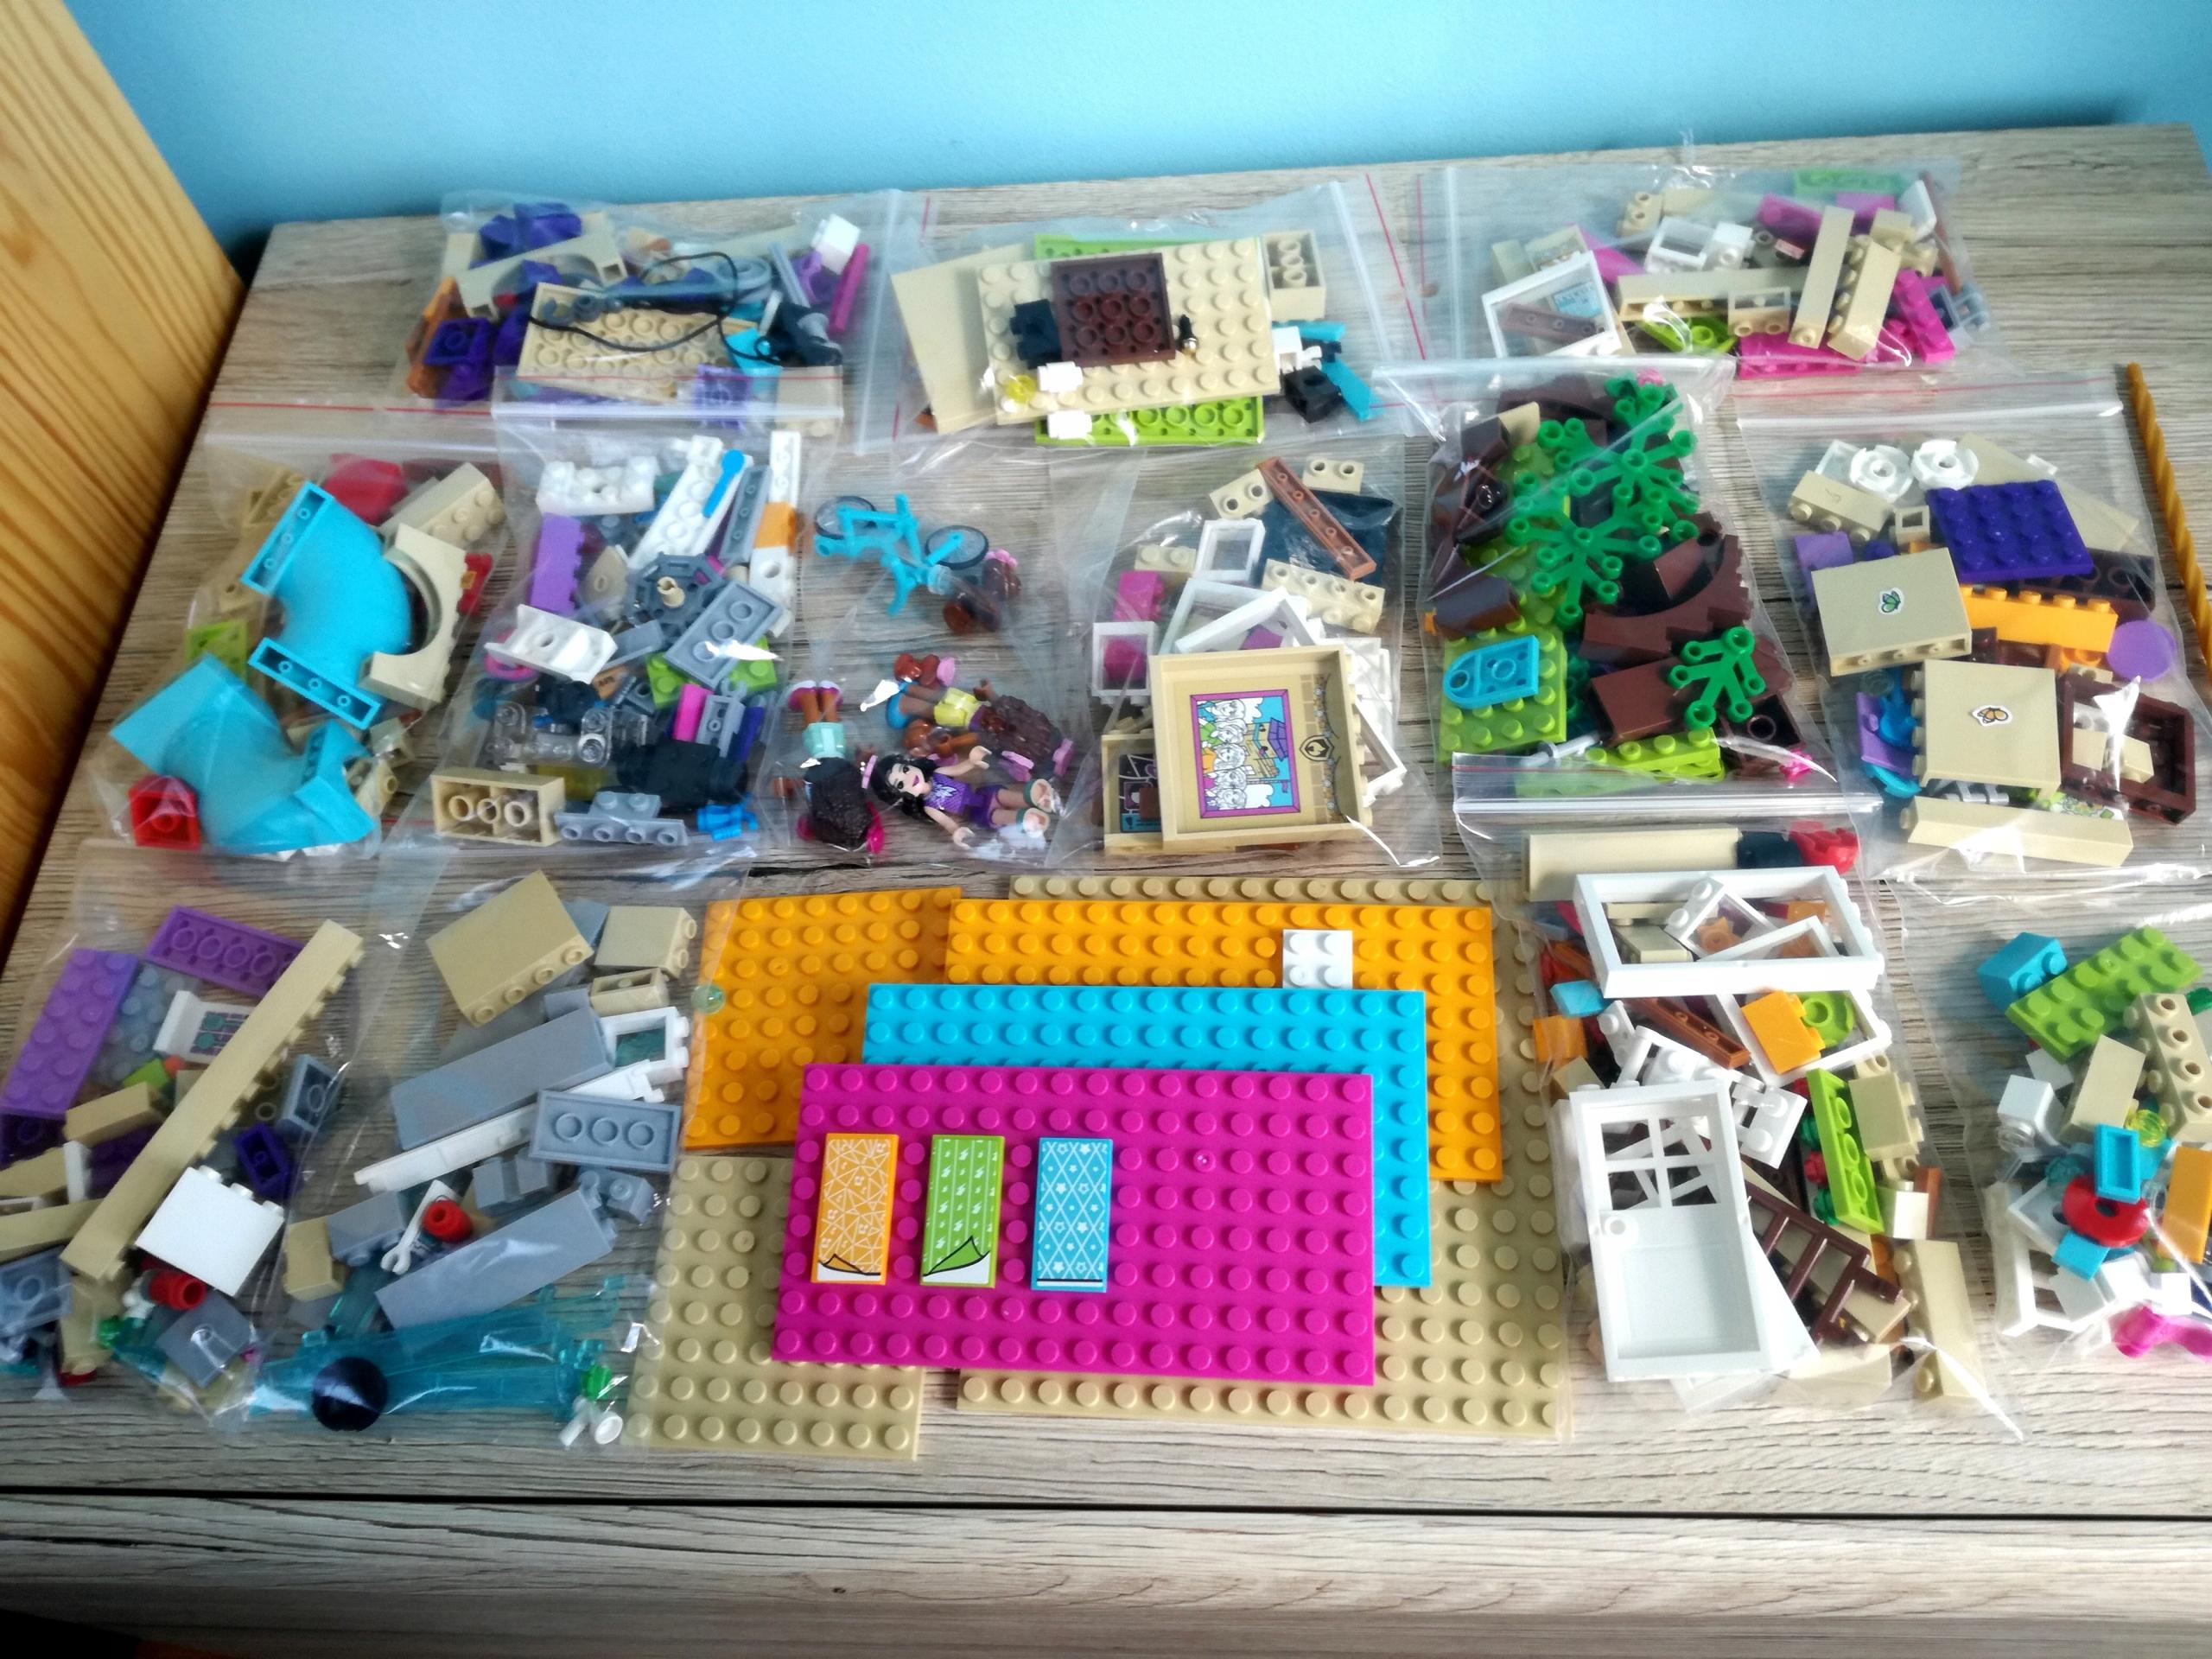 Klocki Lego Friends Dom Przyjaźni 800 Sztuk 7689154936 Oficjalne